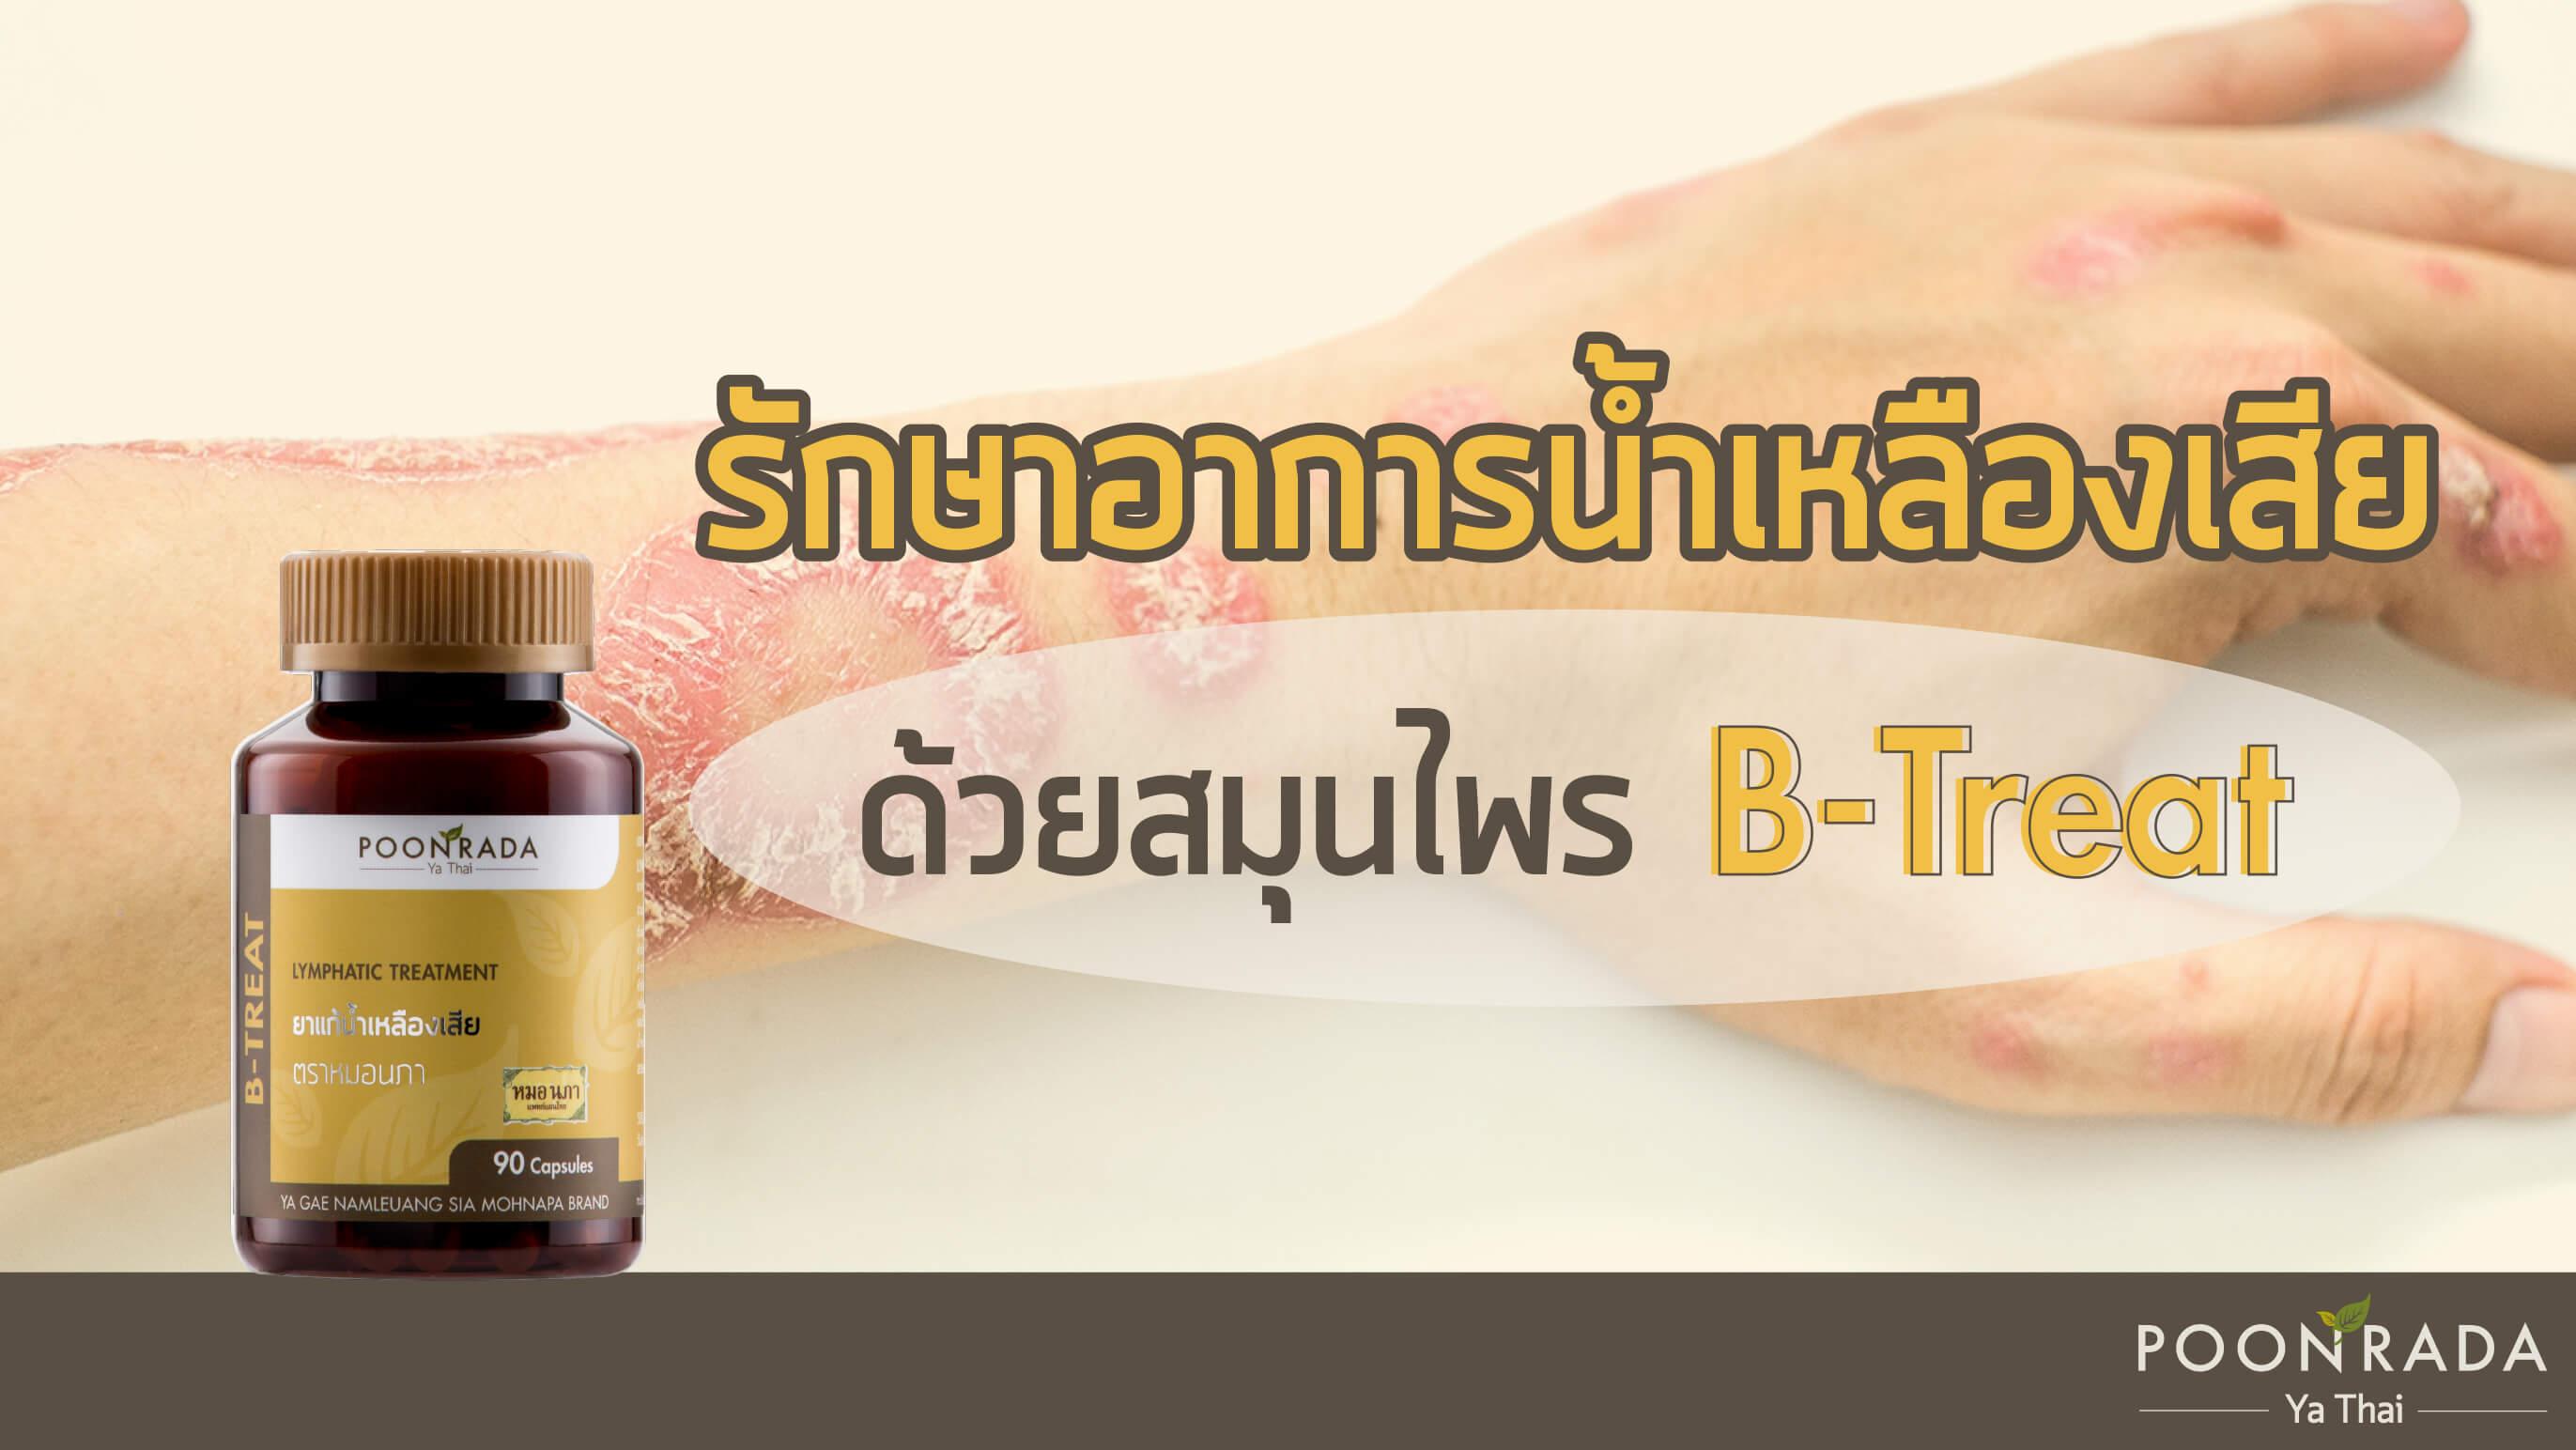 รักษาอาการน้ำเหลืองเสียด้วยสมุนไพร B-Treat